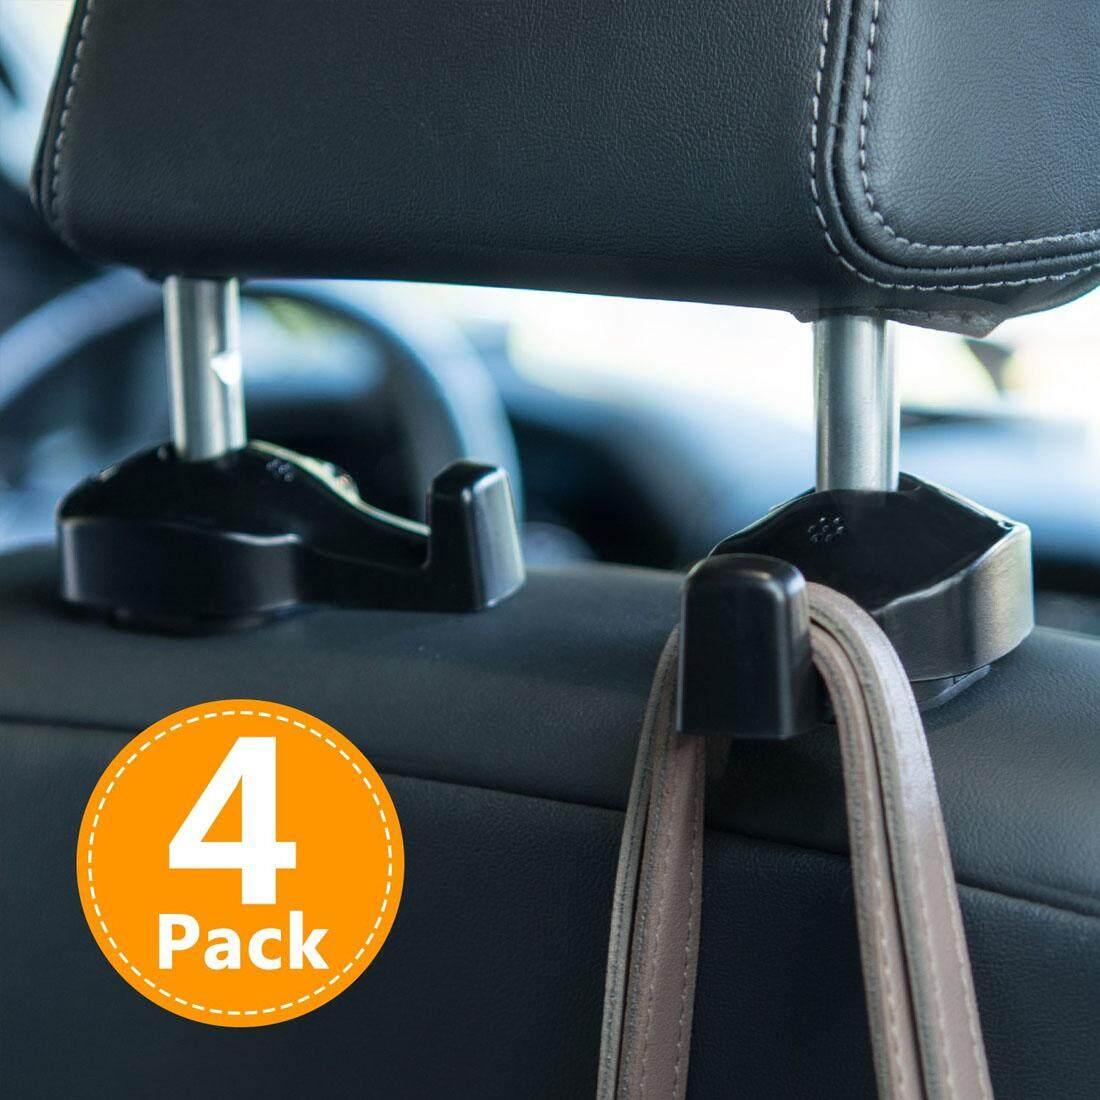 2pcs//set Practical Car Headrest Coat Bag Clip Fastener Seat Back Hanger Hooks